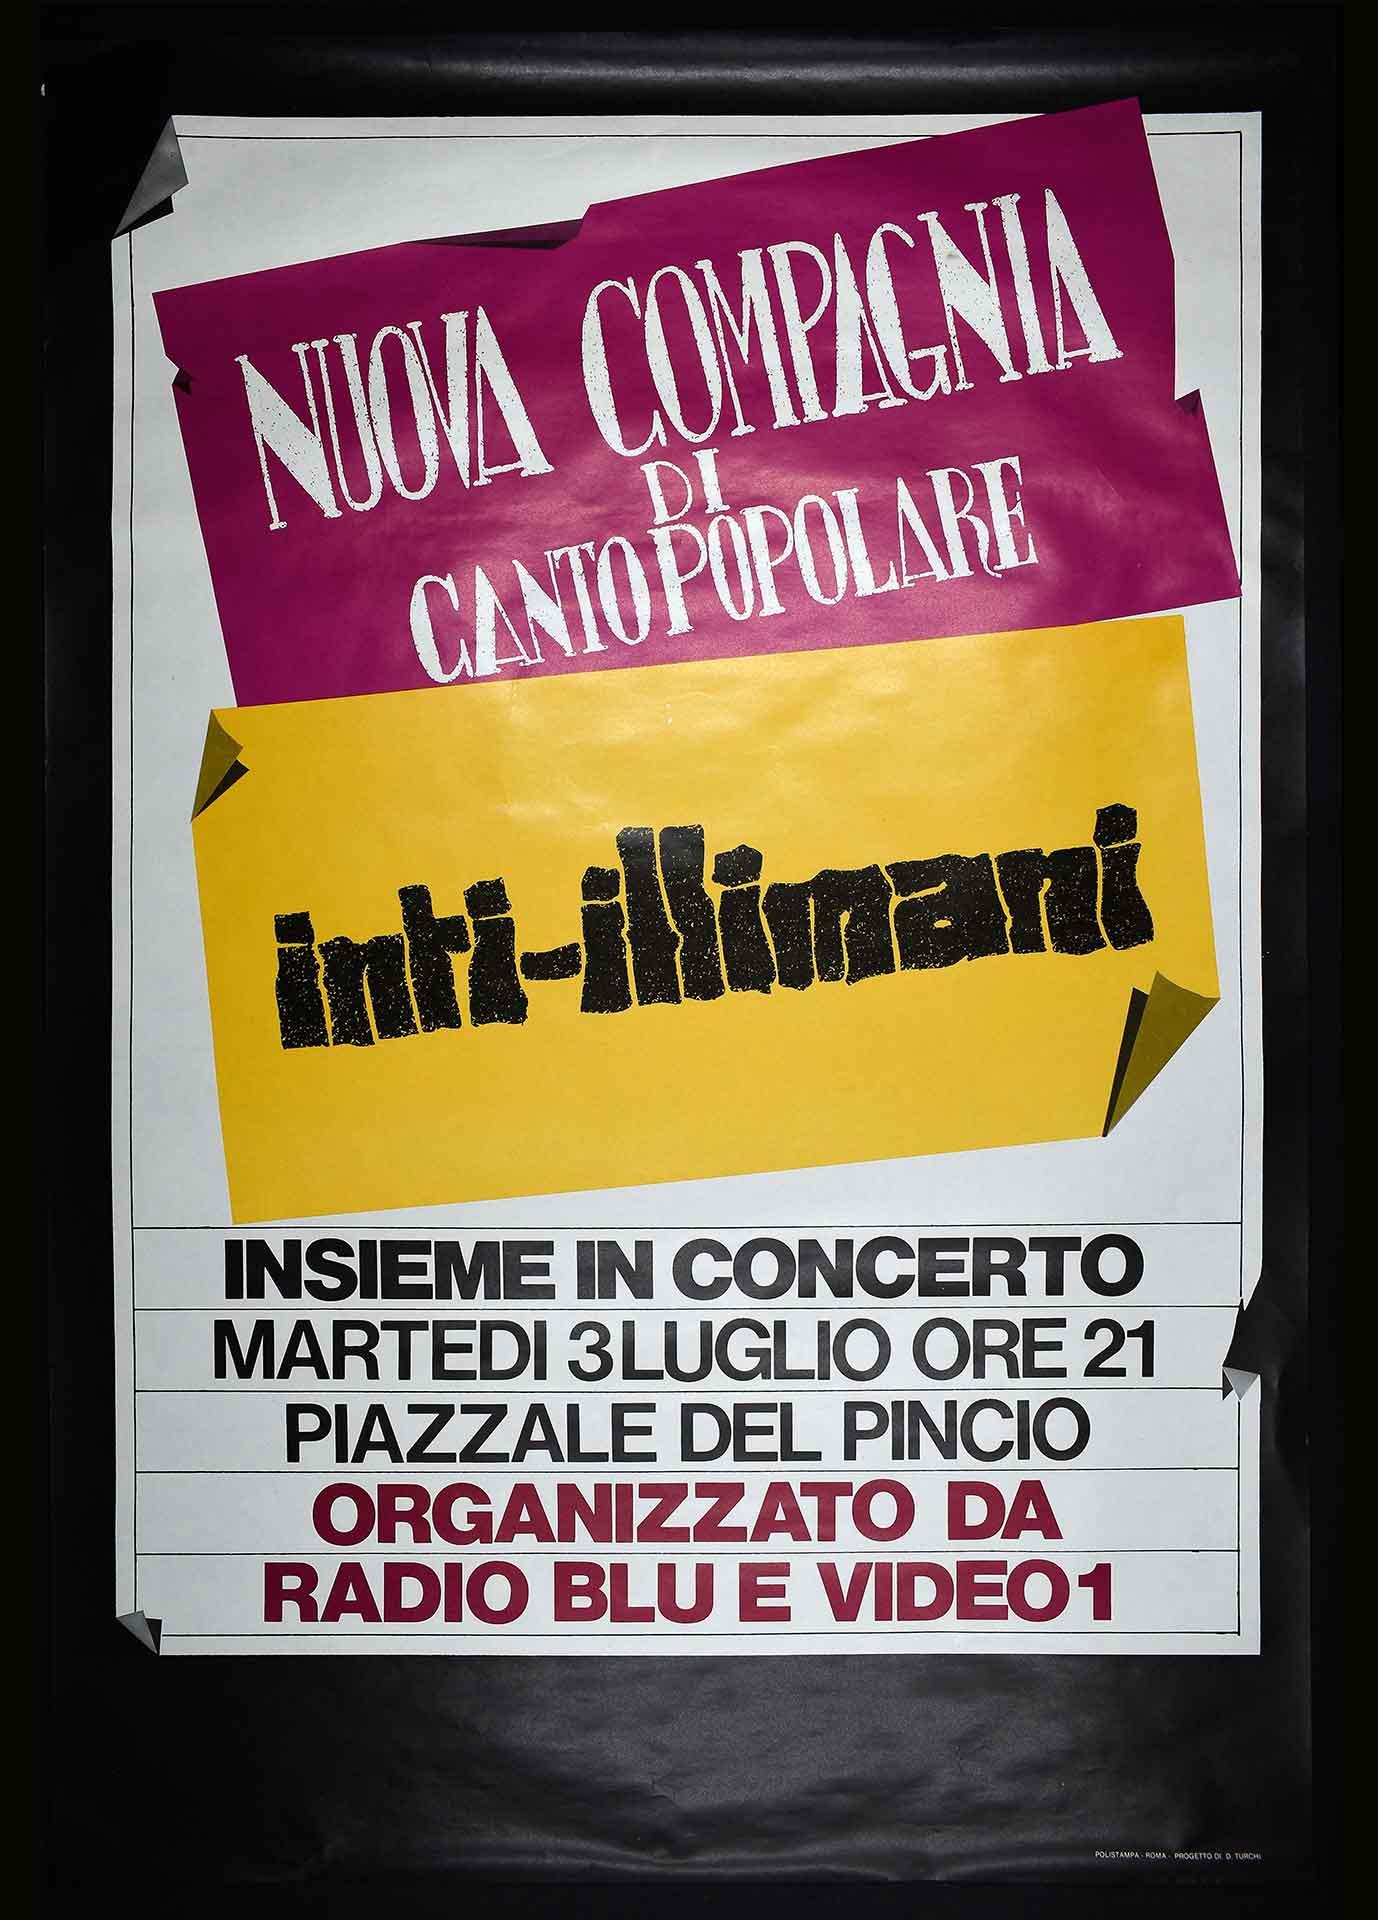 Radio Blu e Video1 organizzano il concerto romano della Nuova compagnia di canto popolare e degli Inti-Illimani. Stampa Polistampa, Roma. Progetto di D. Turchi. Comunicazione sociale.